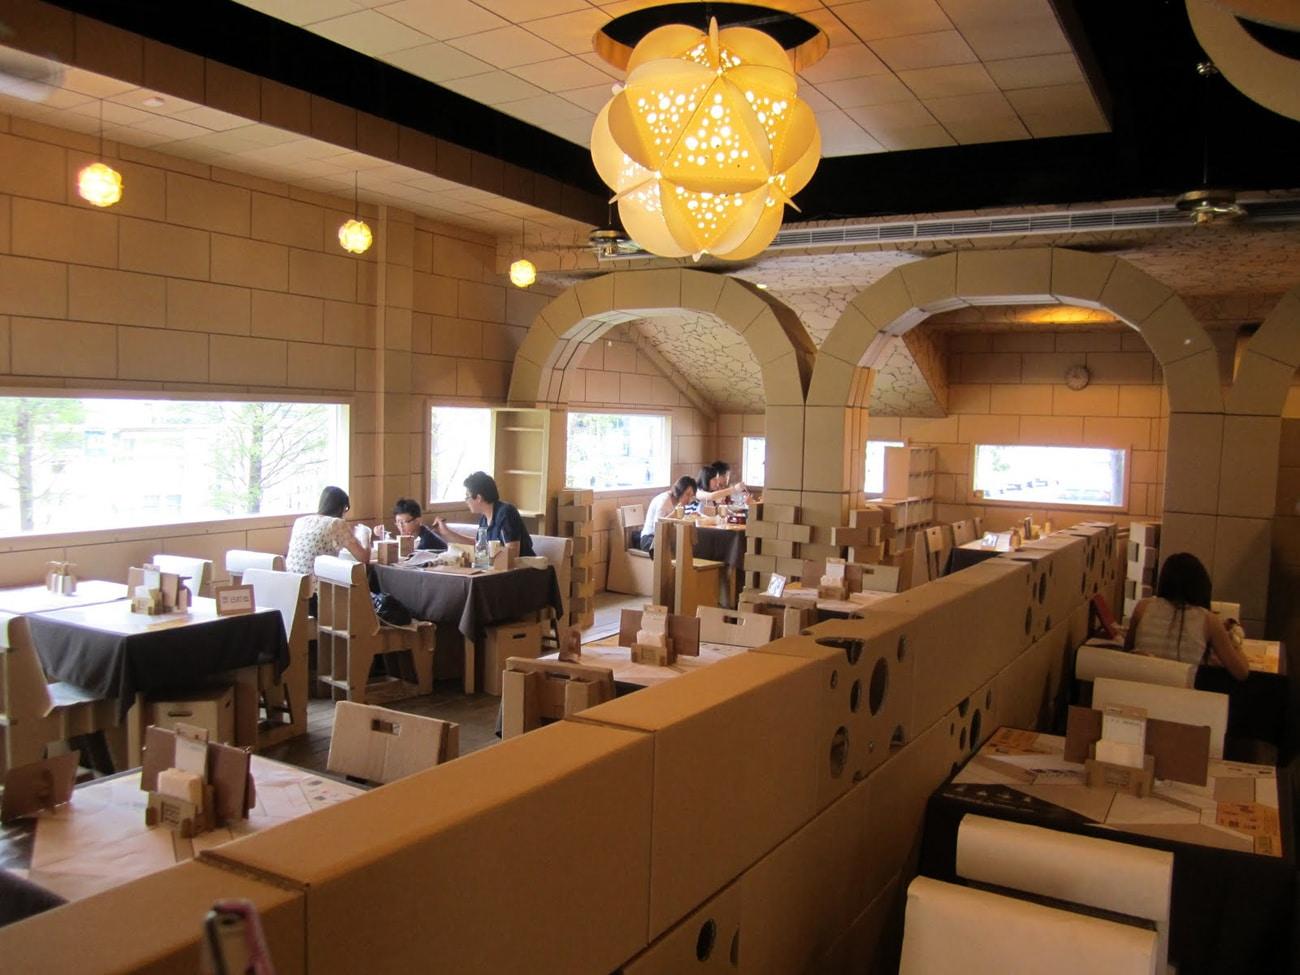 taiwan-cardboard-design-carton-restaurant